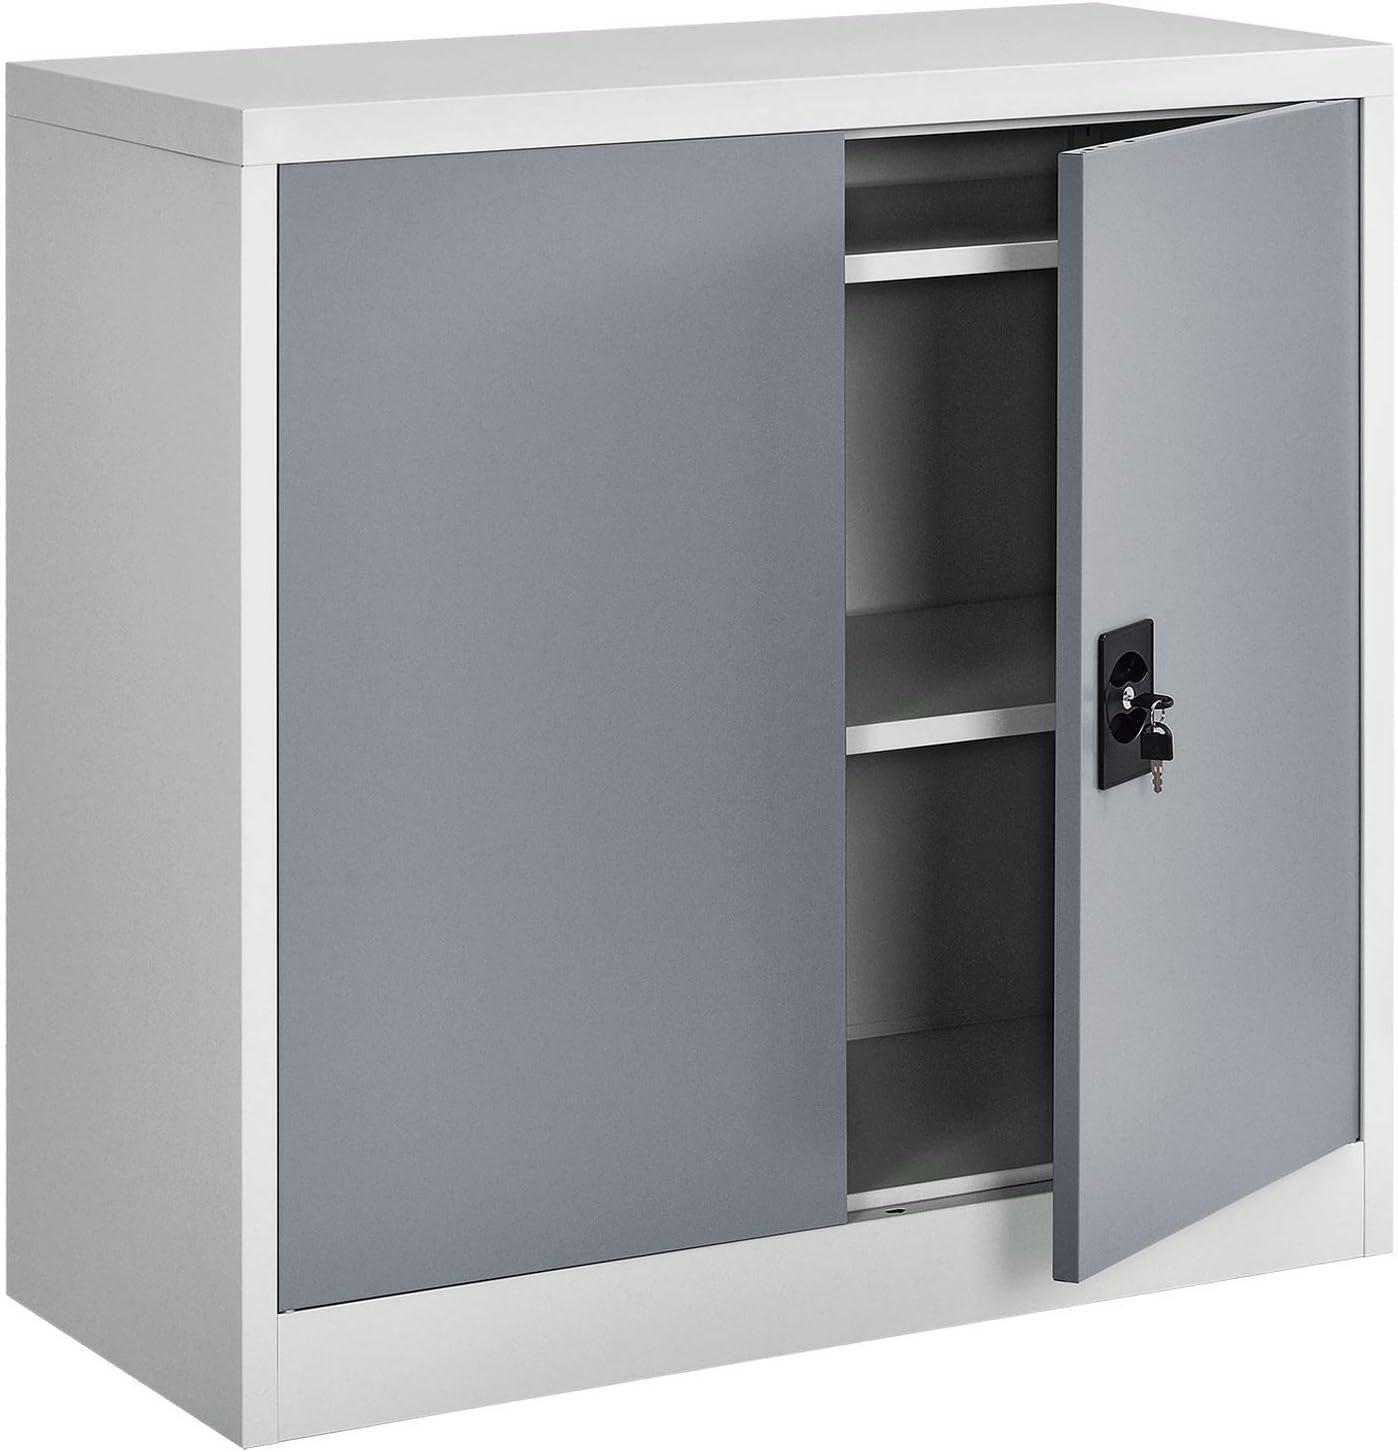 Juskys Metall Aktenschrank Office Mit 2 Turen 2 Einlegeboden